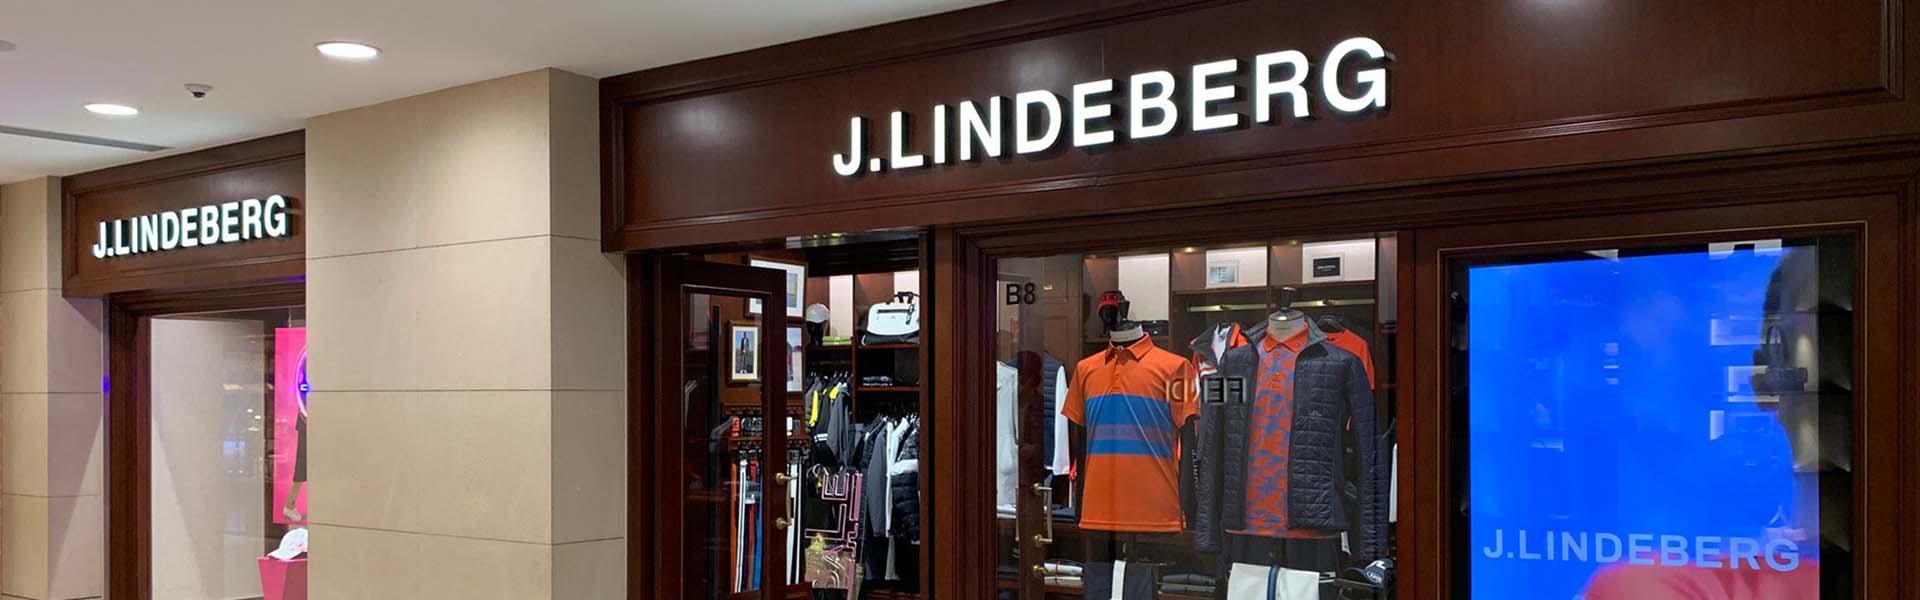 jlindeberg.slide